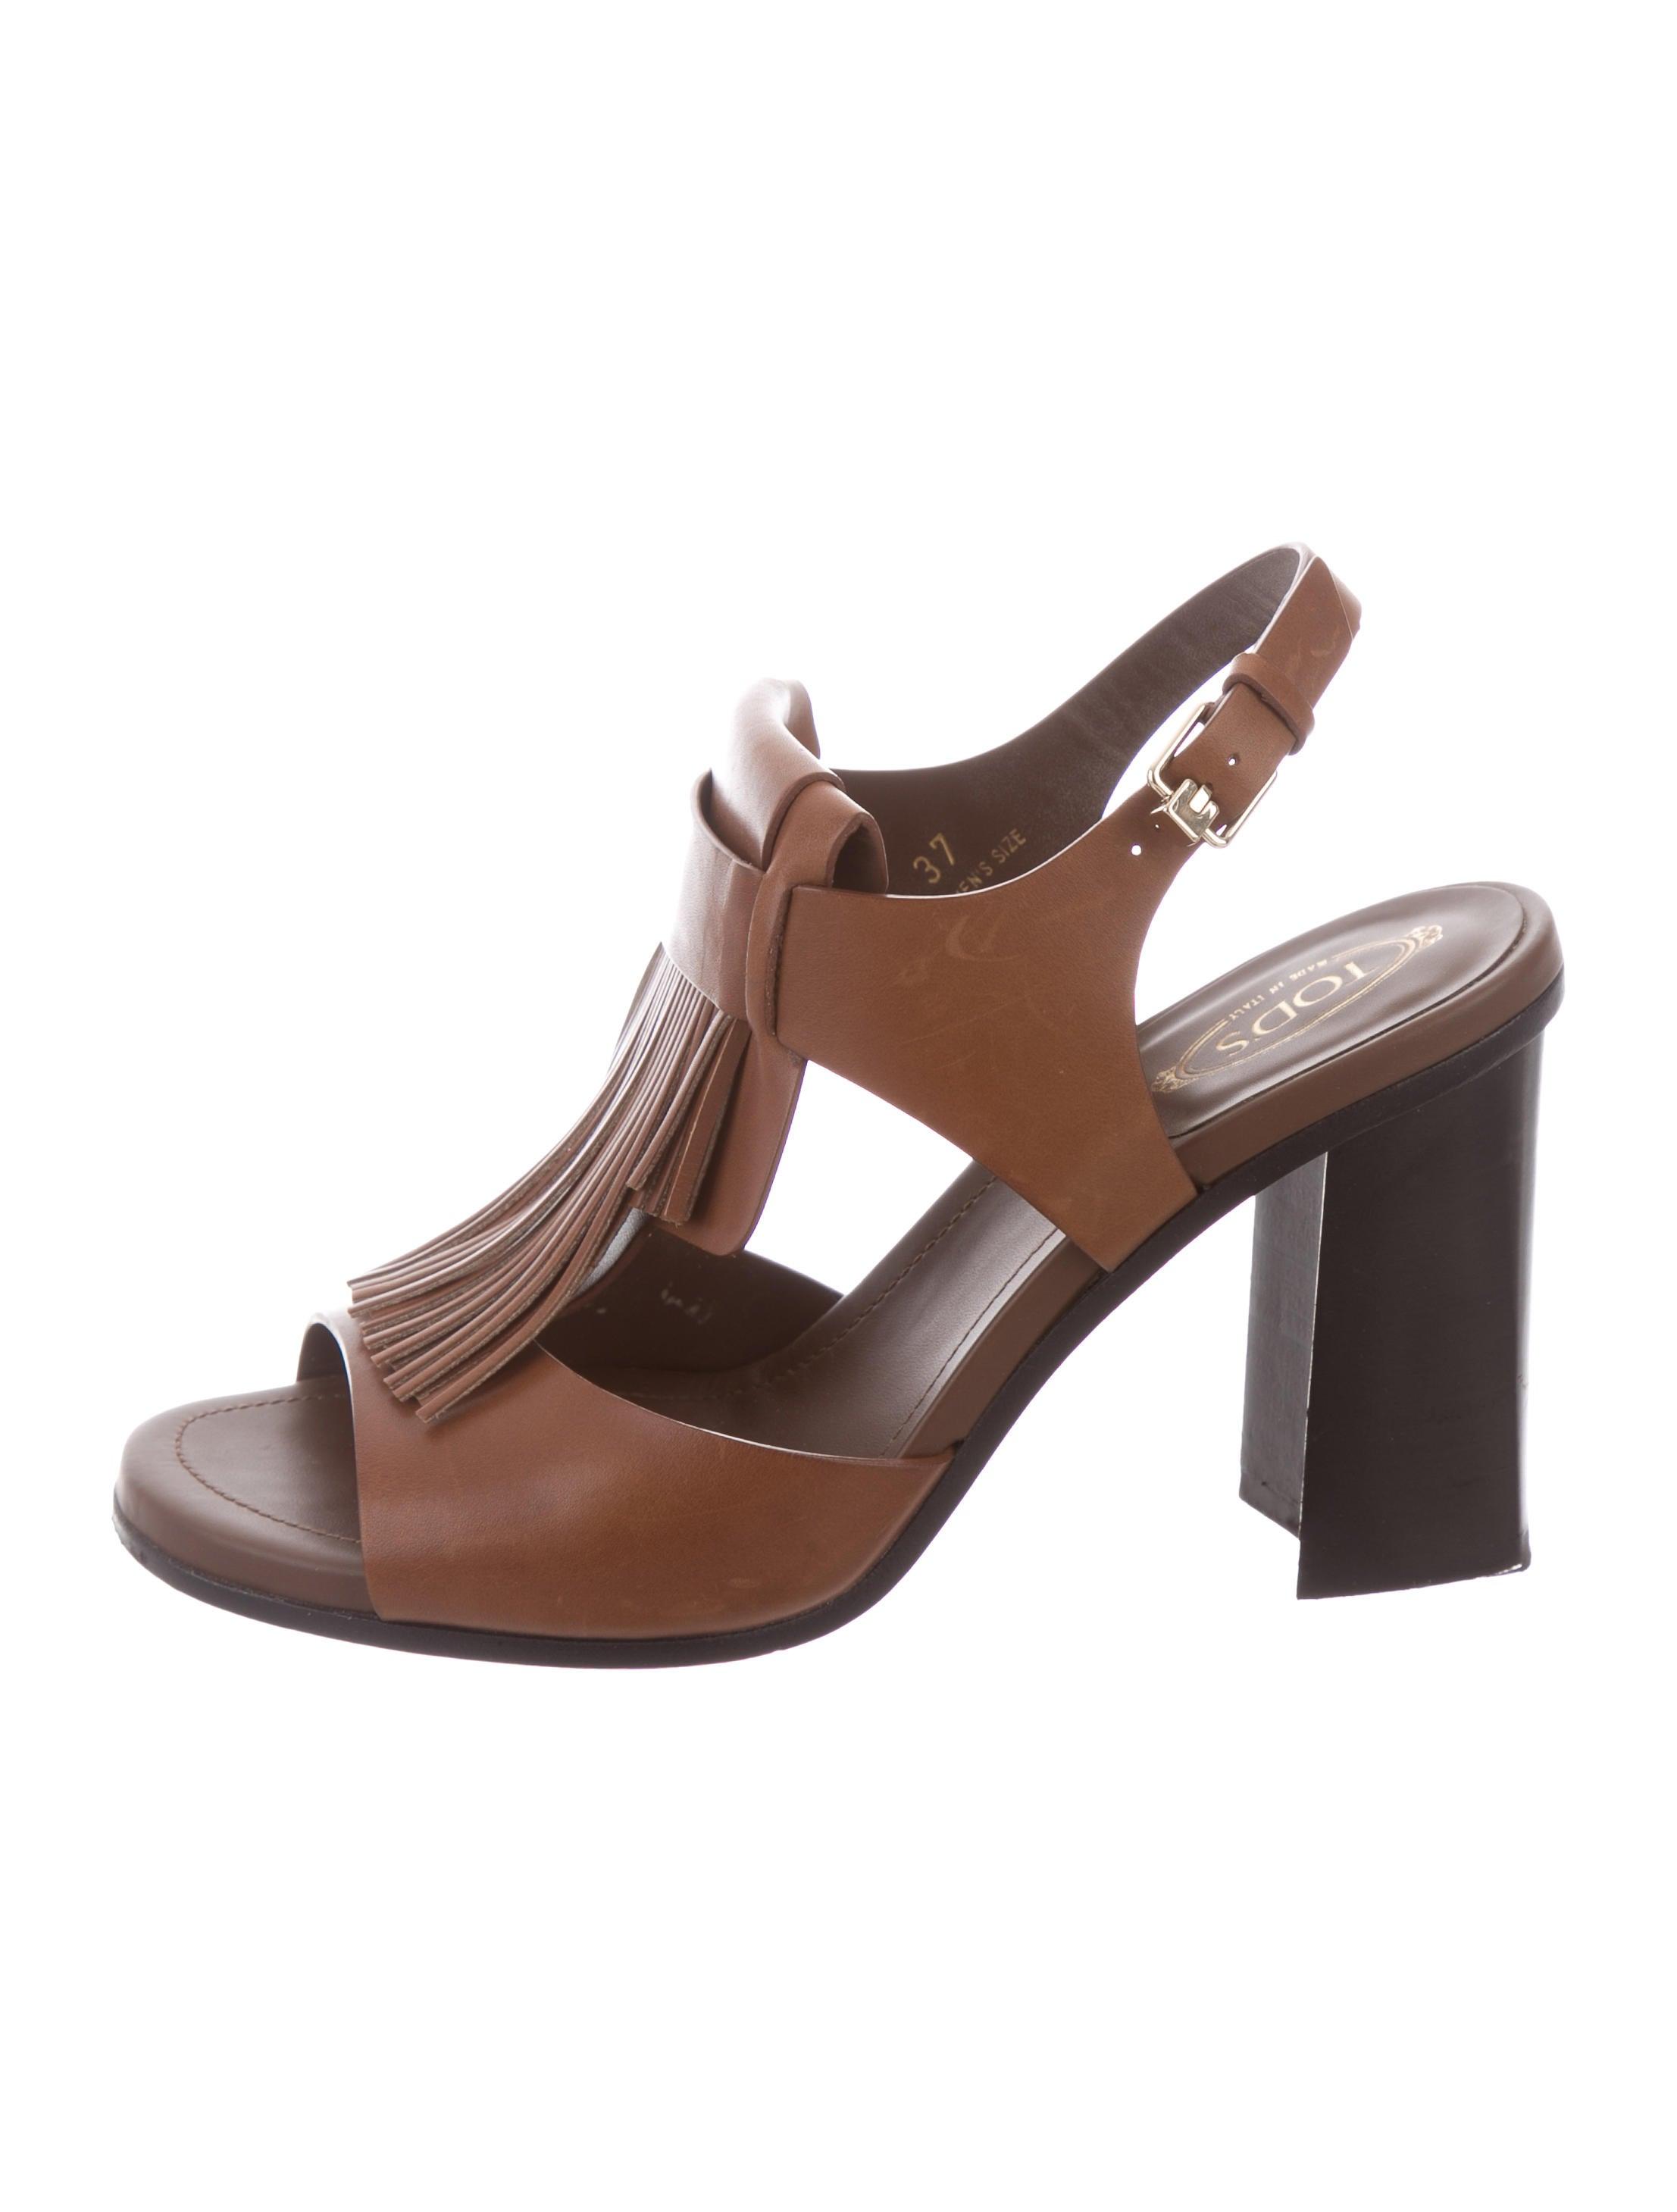 Tod's Ankle Strap Fringe-Trimmed Sandals visa payment for sale MPmKKK